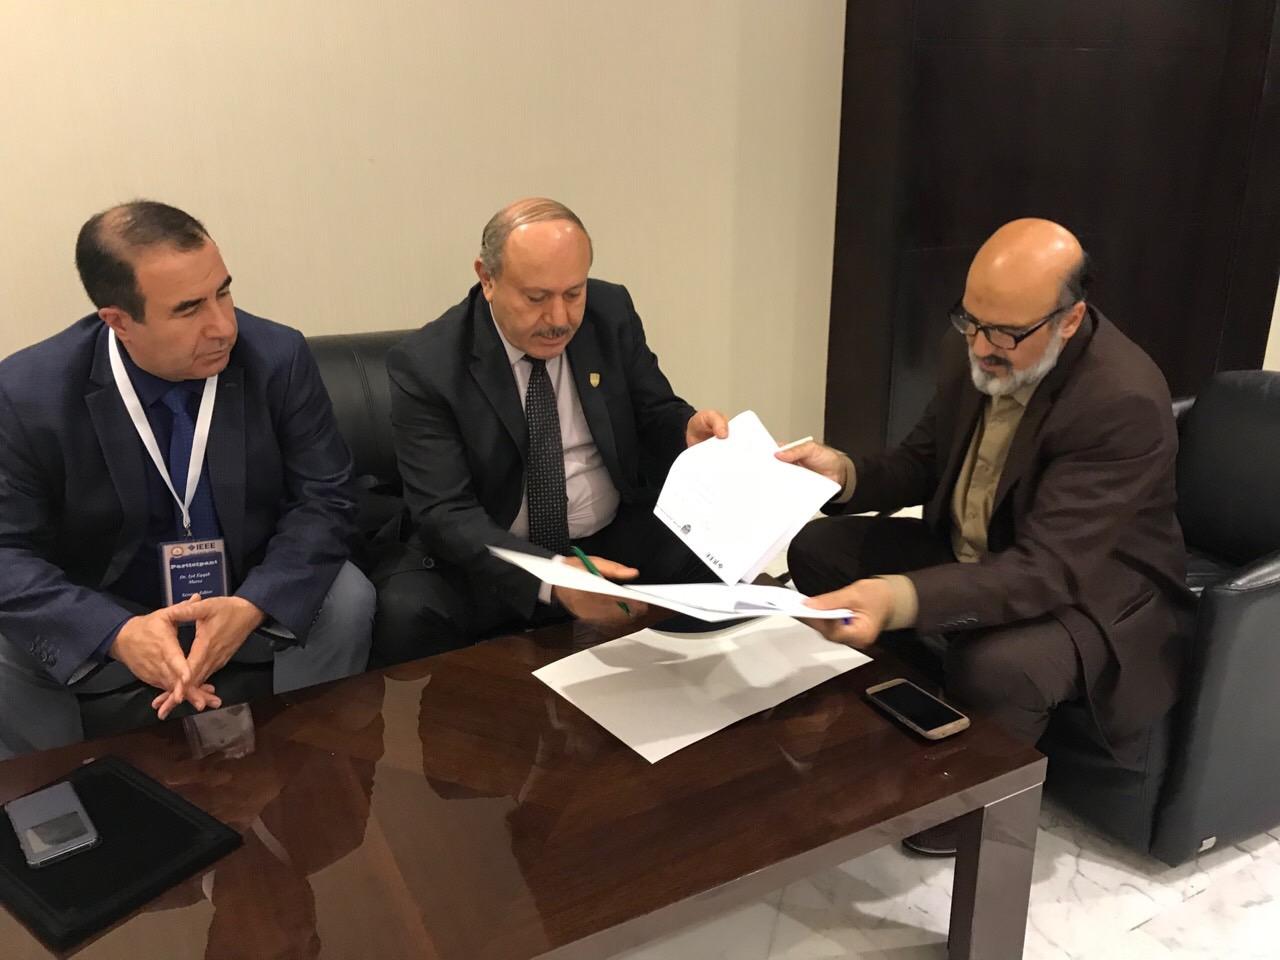 Signing a memorandum of understanding with IEEE